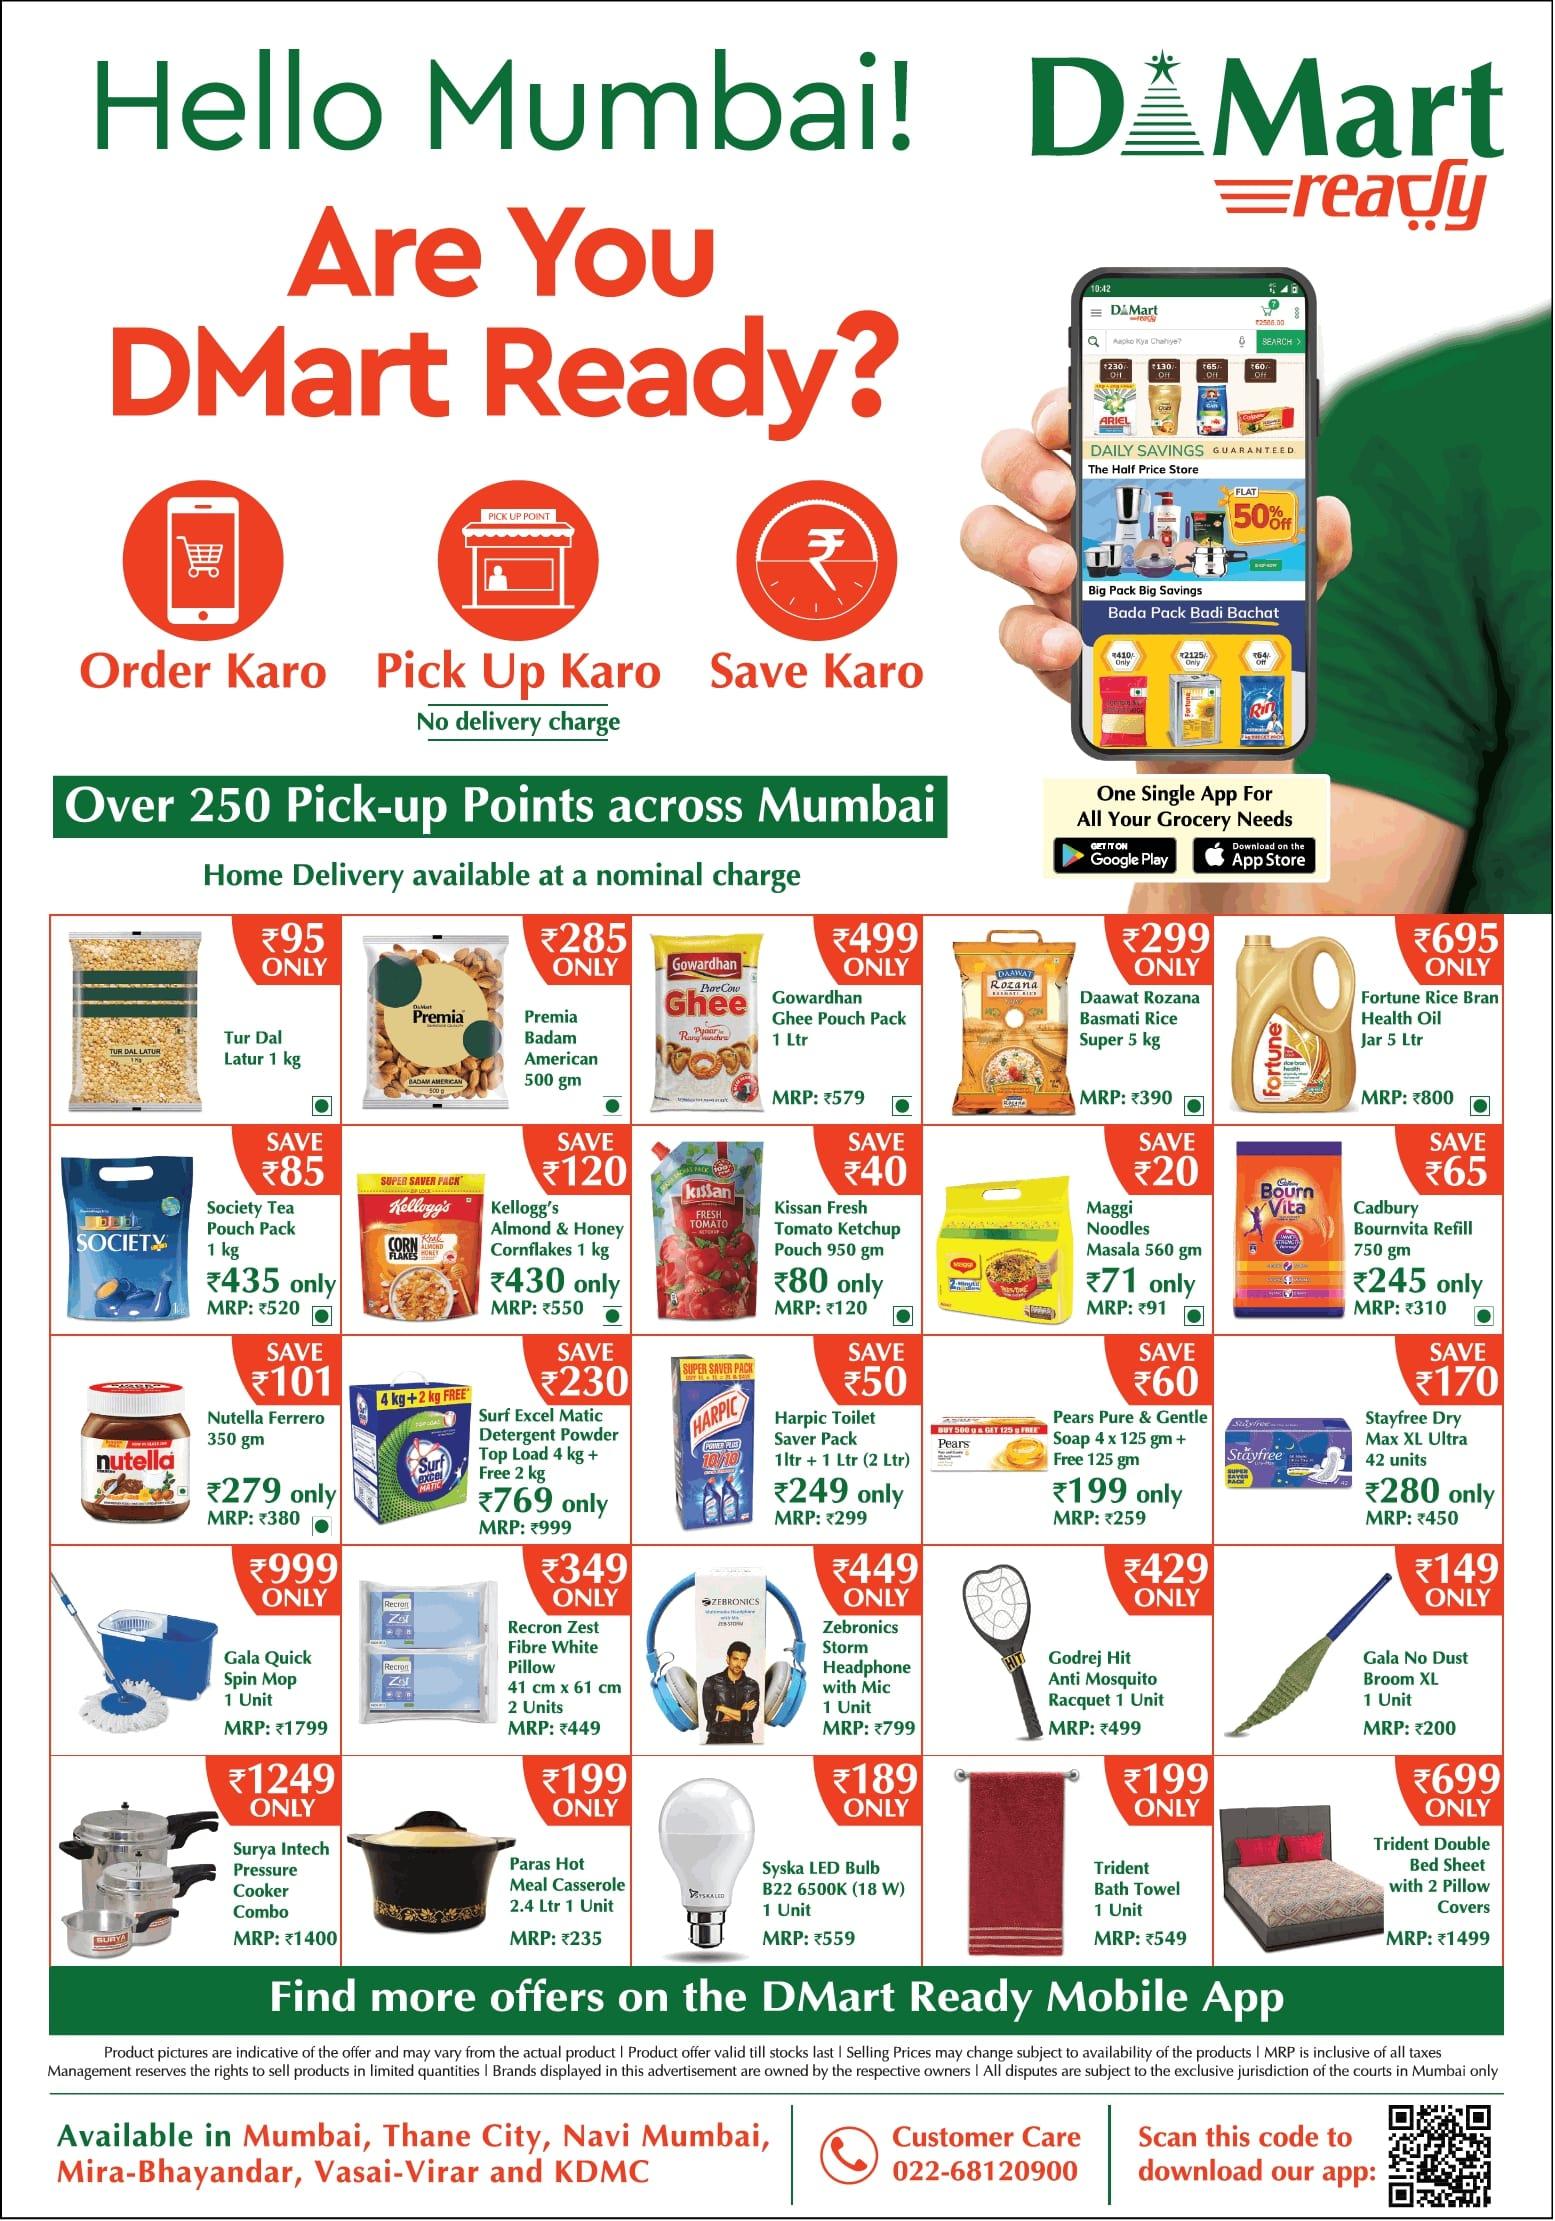 d-mart-ready-hello-mumbai-are-you-dmart-ready-ad-bombay-times-19-02-2021